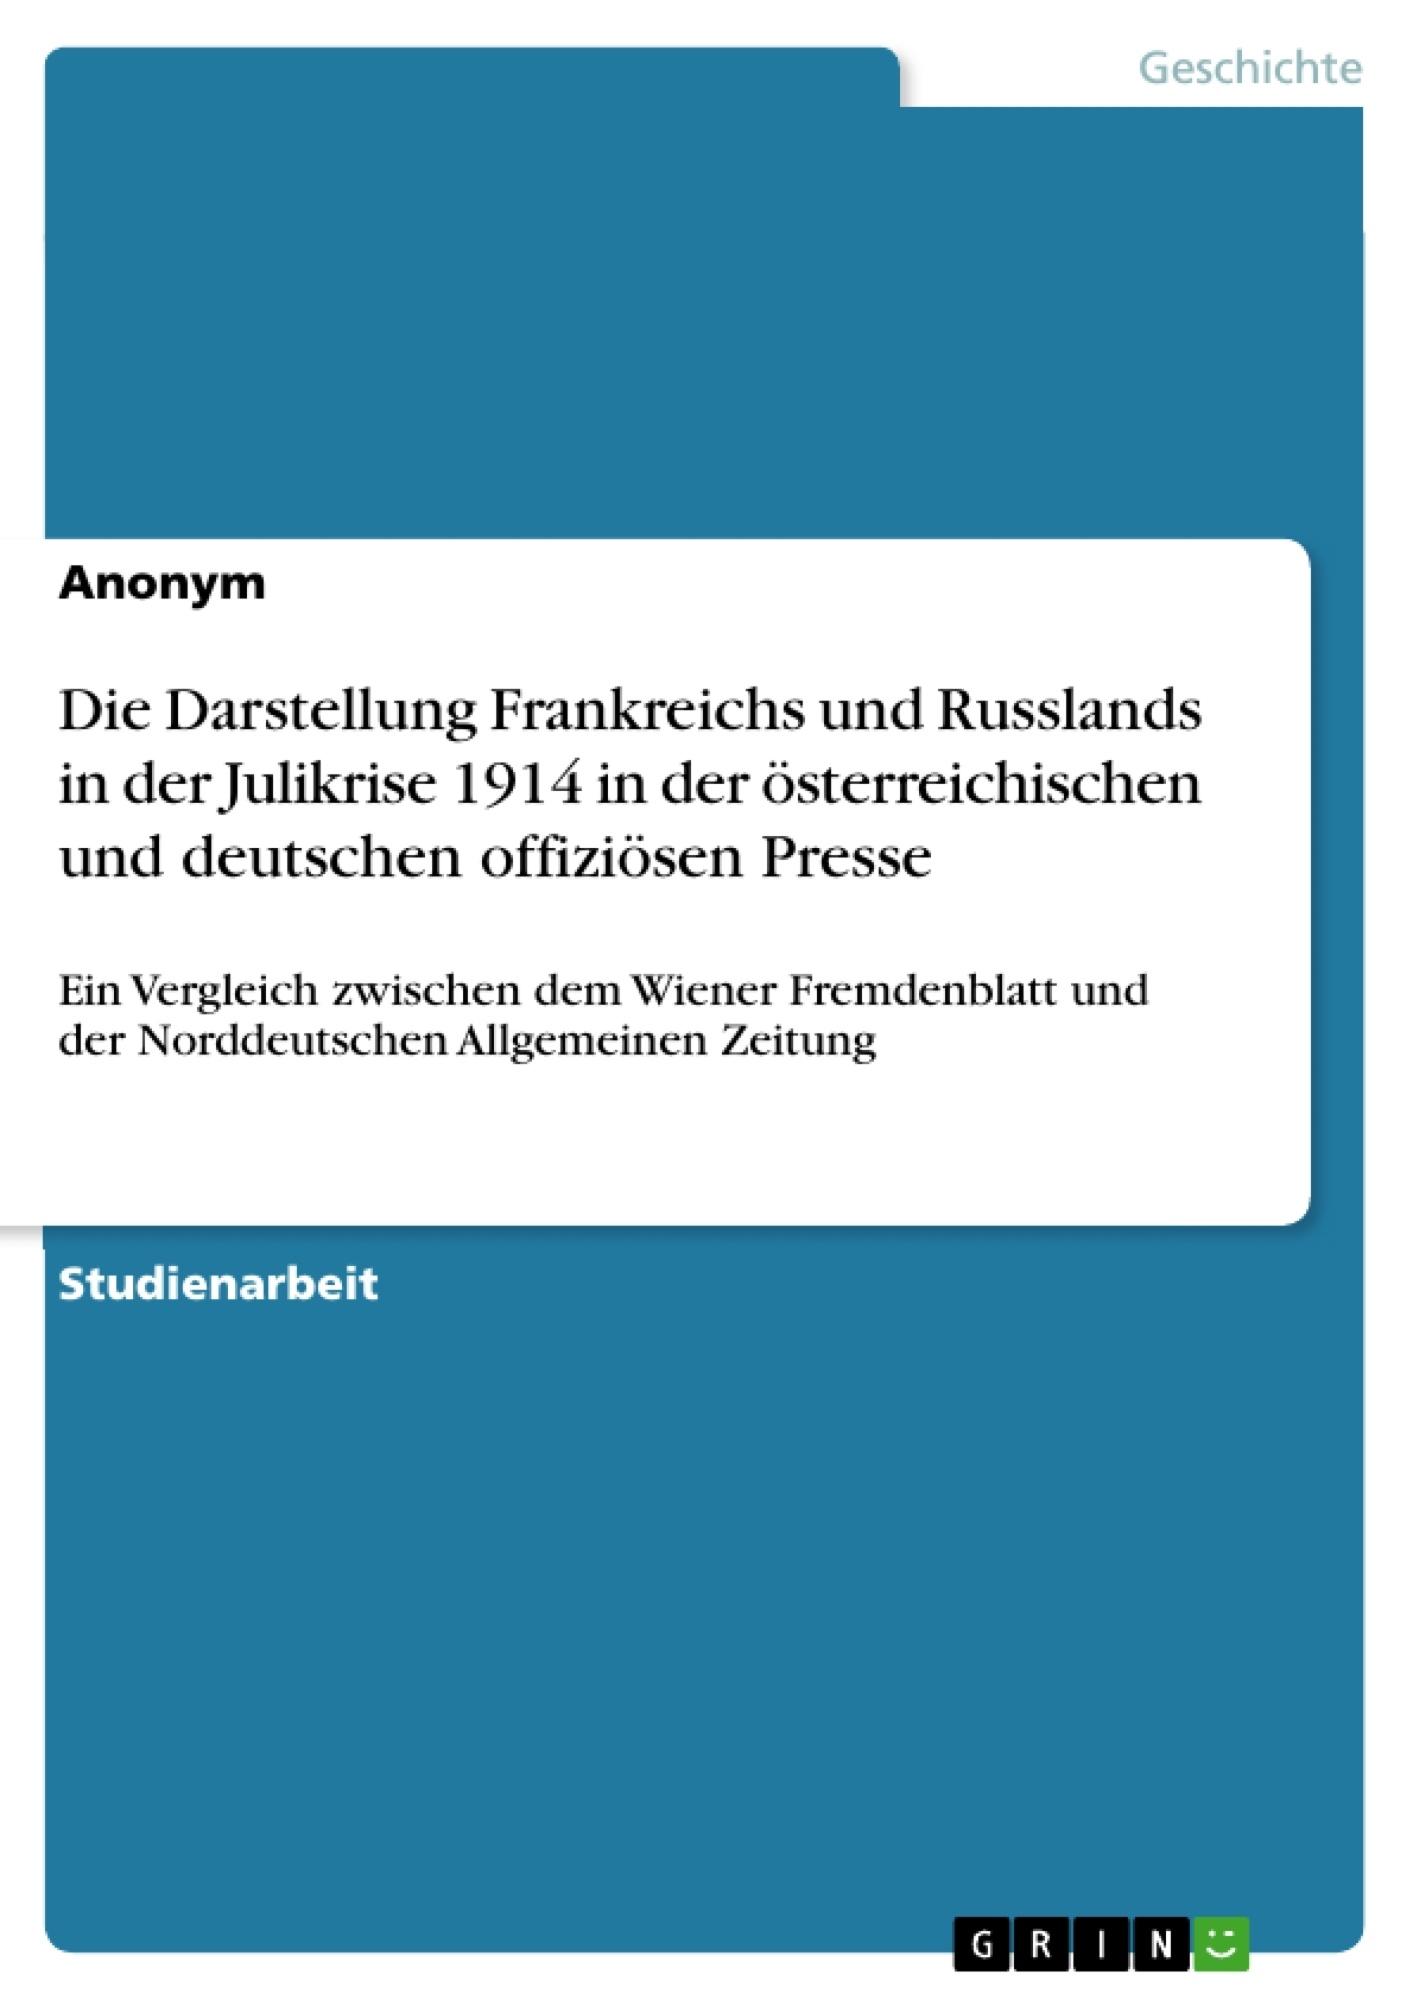 Titel: Die Darstellung Frankreichs und Russlands in der Julikrise 1914 in der österreichischen und deutschen offiziösen Presse